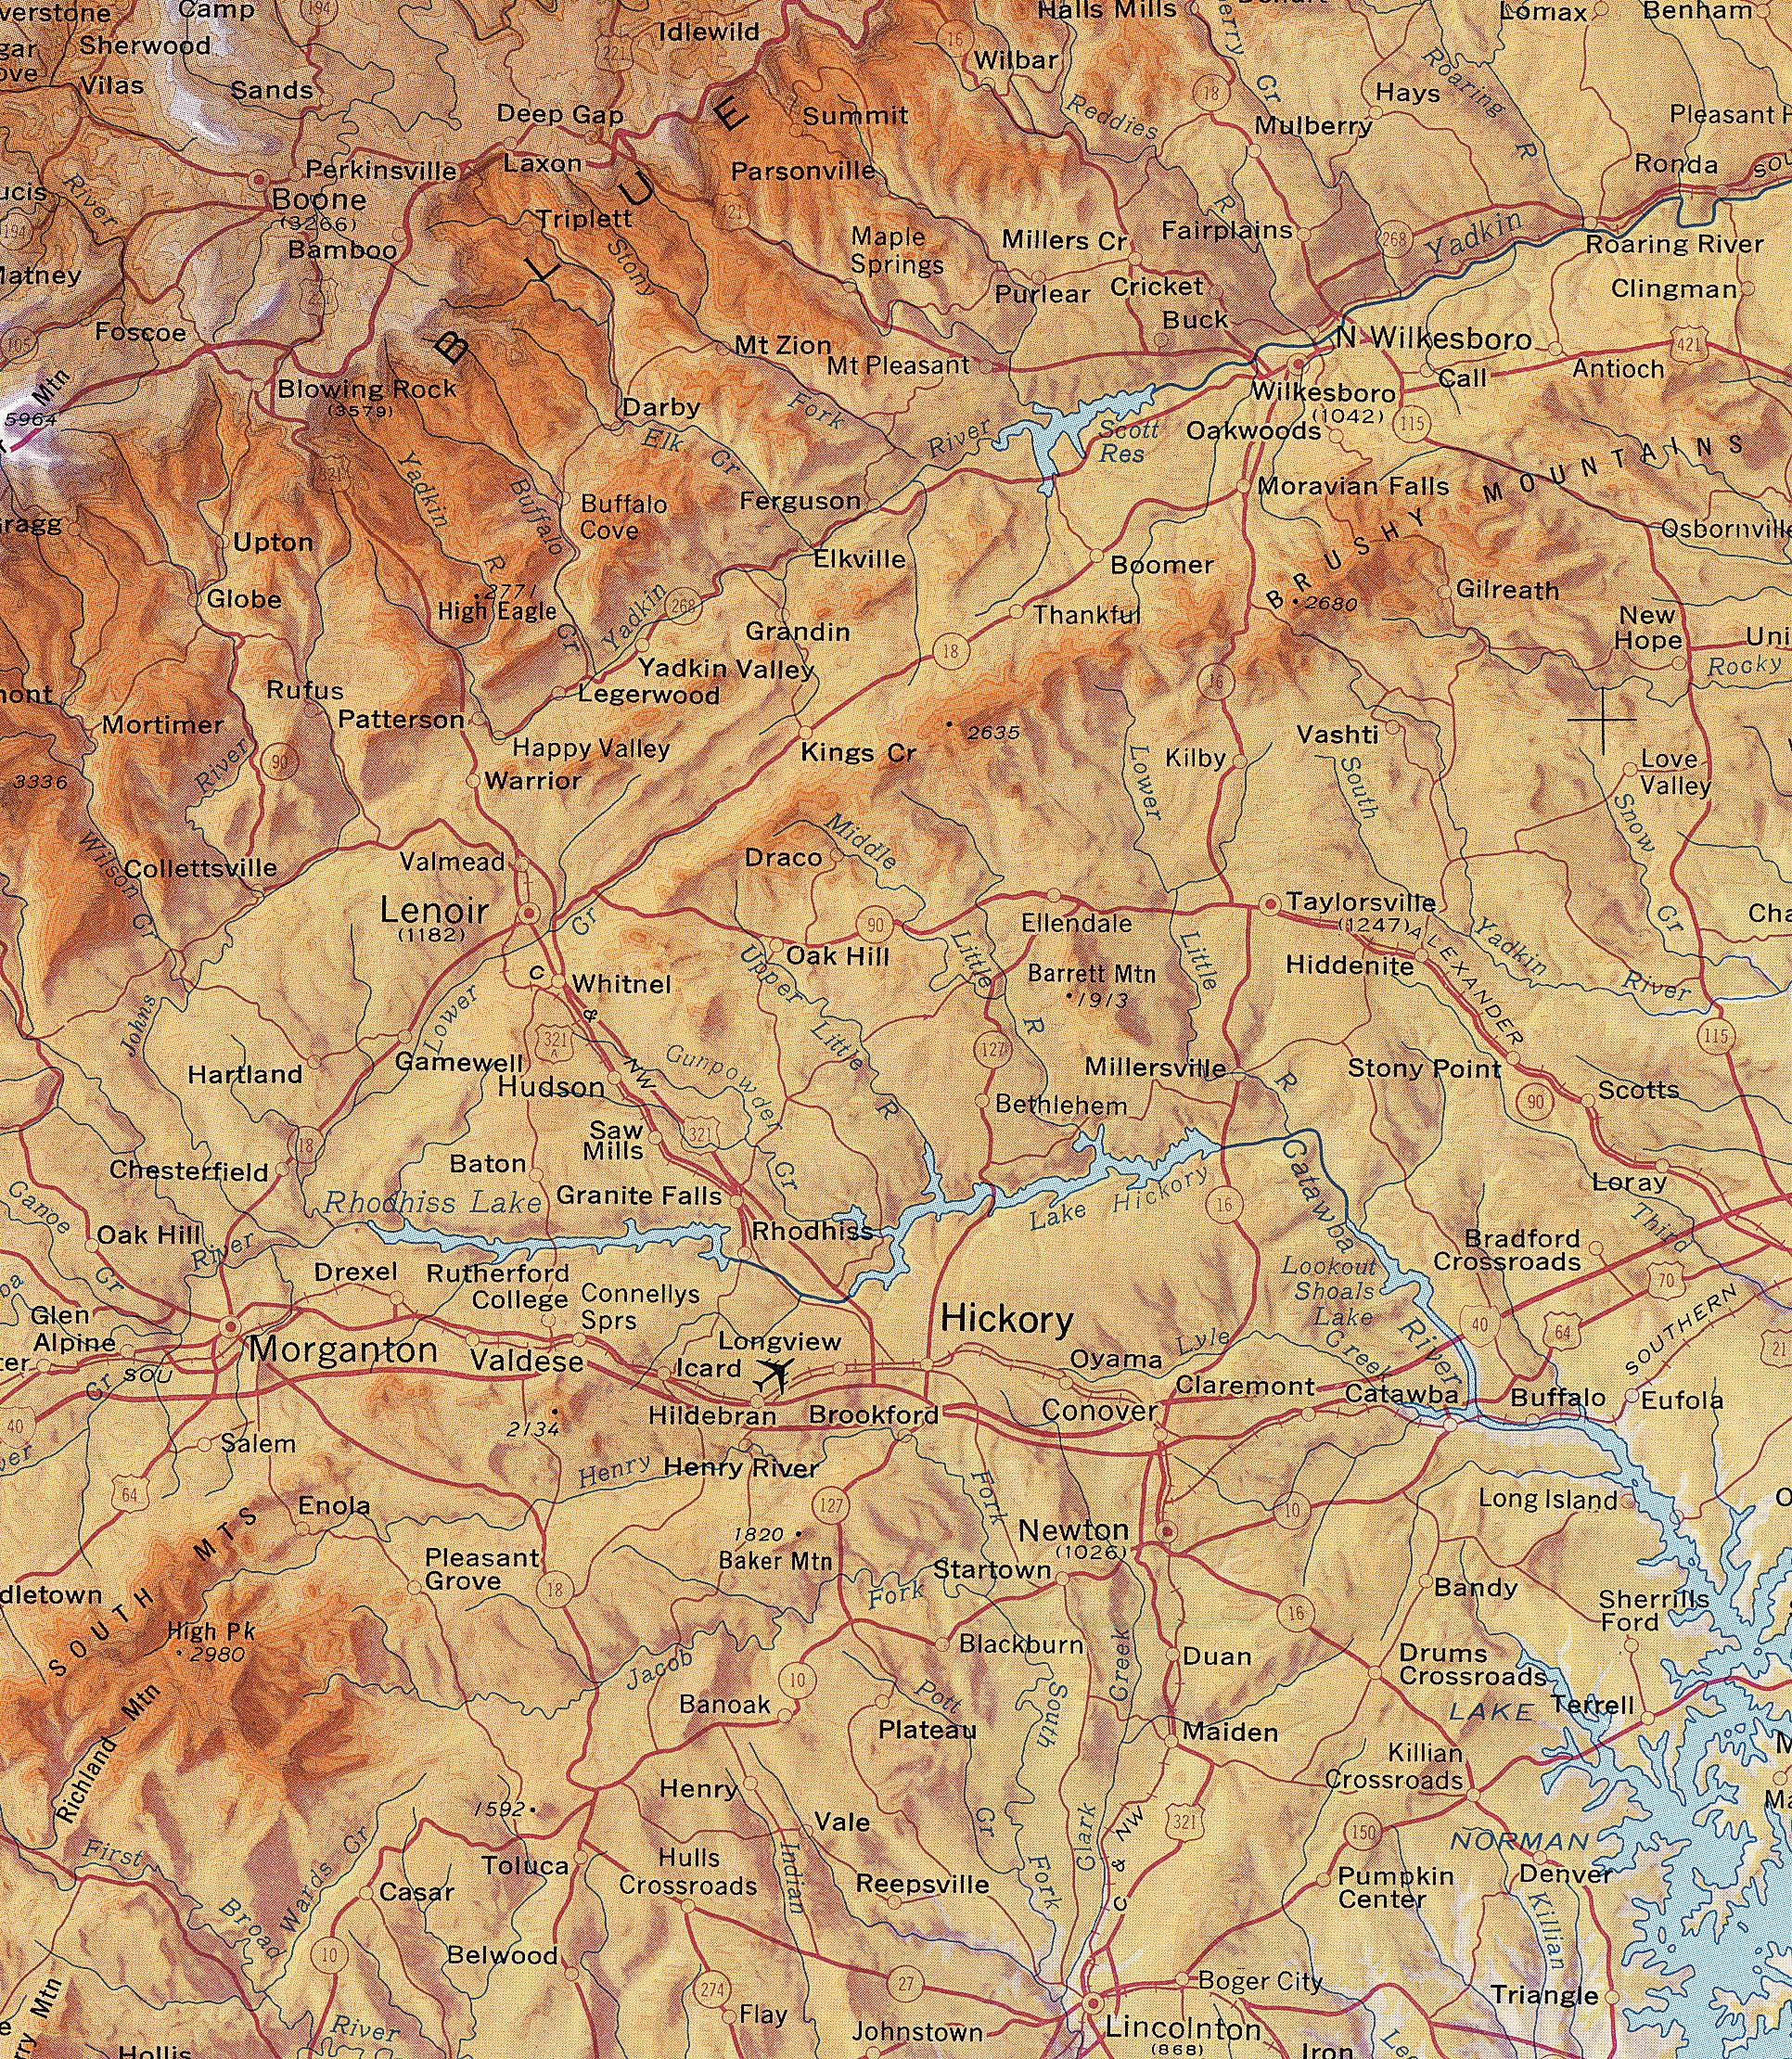 North Carolina Mountains Map - Hickory North Carolina • mappery